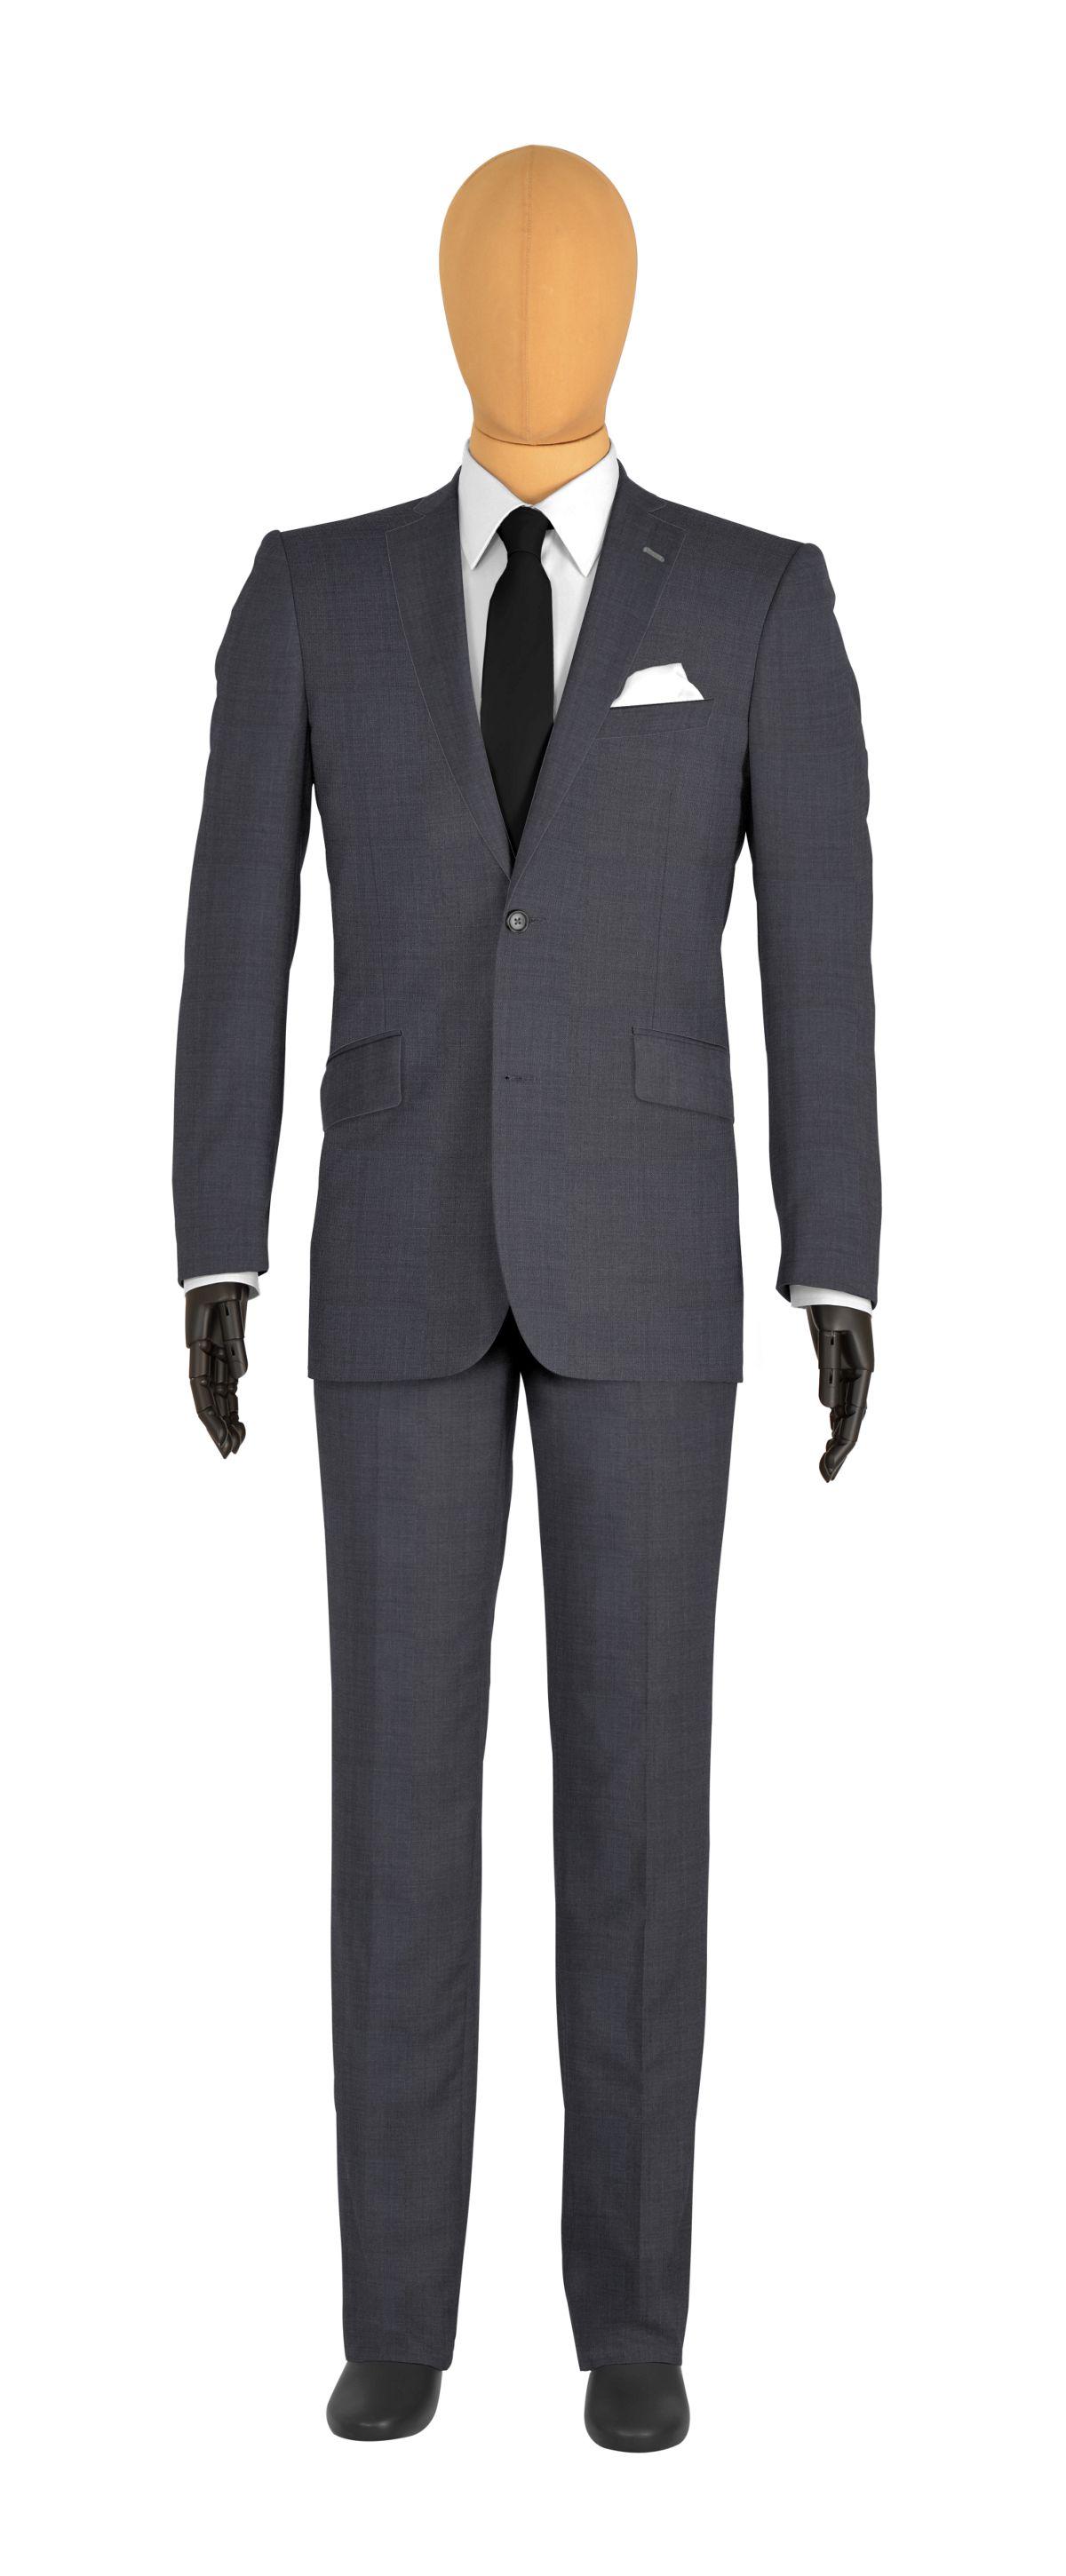 veste 2 boutons sur mesure pour homme gris, gris médian uni